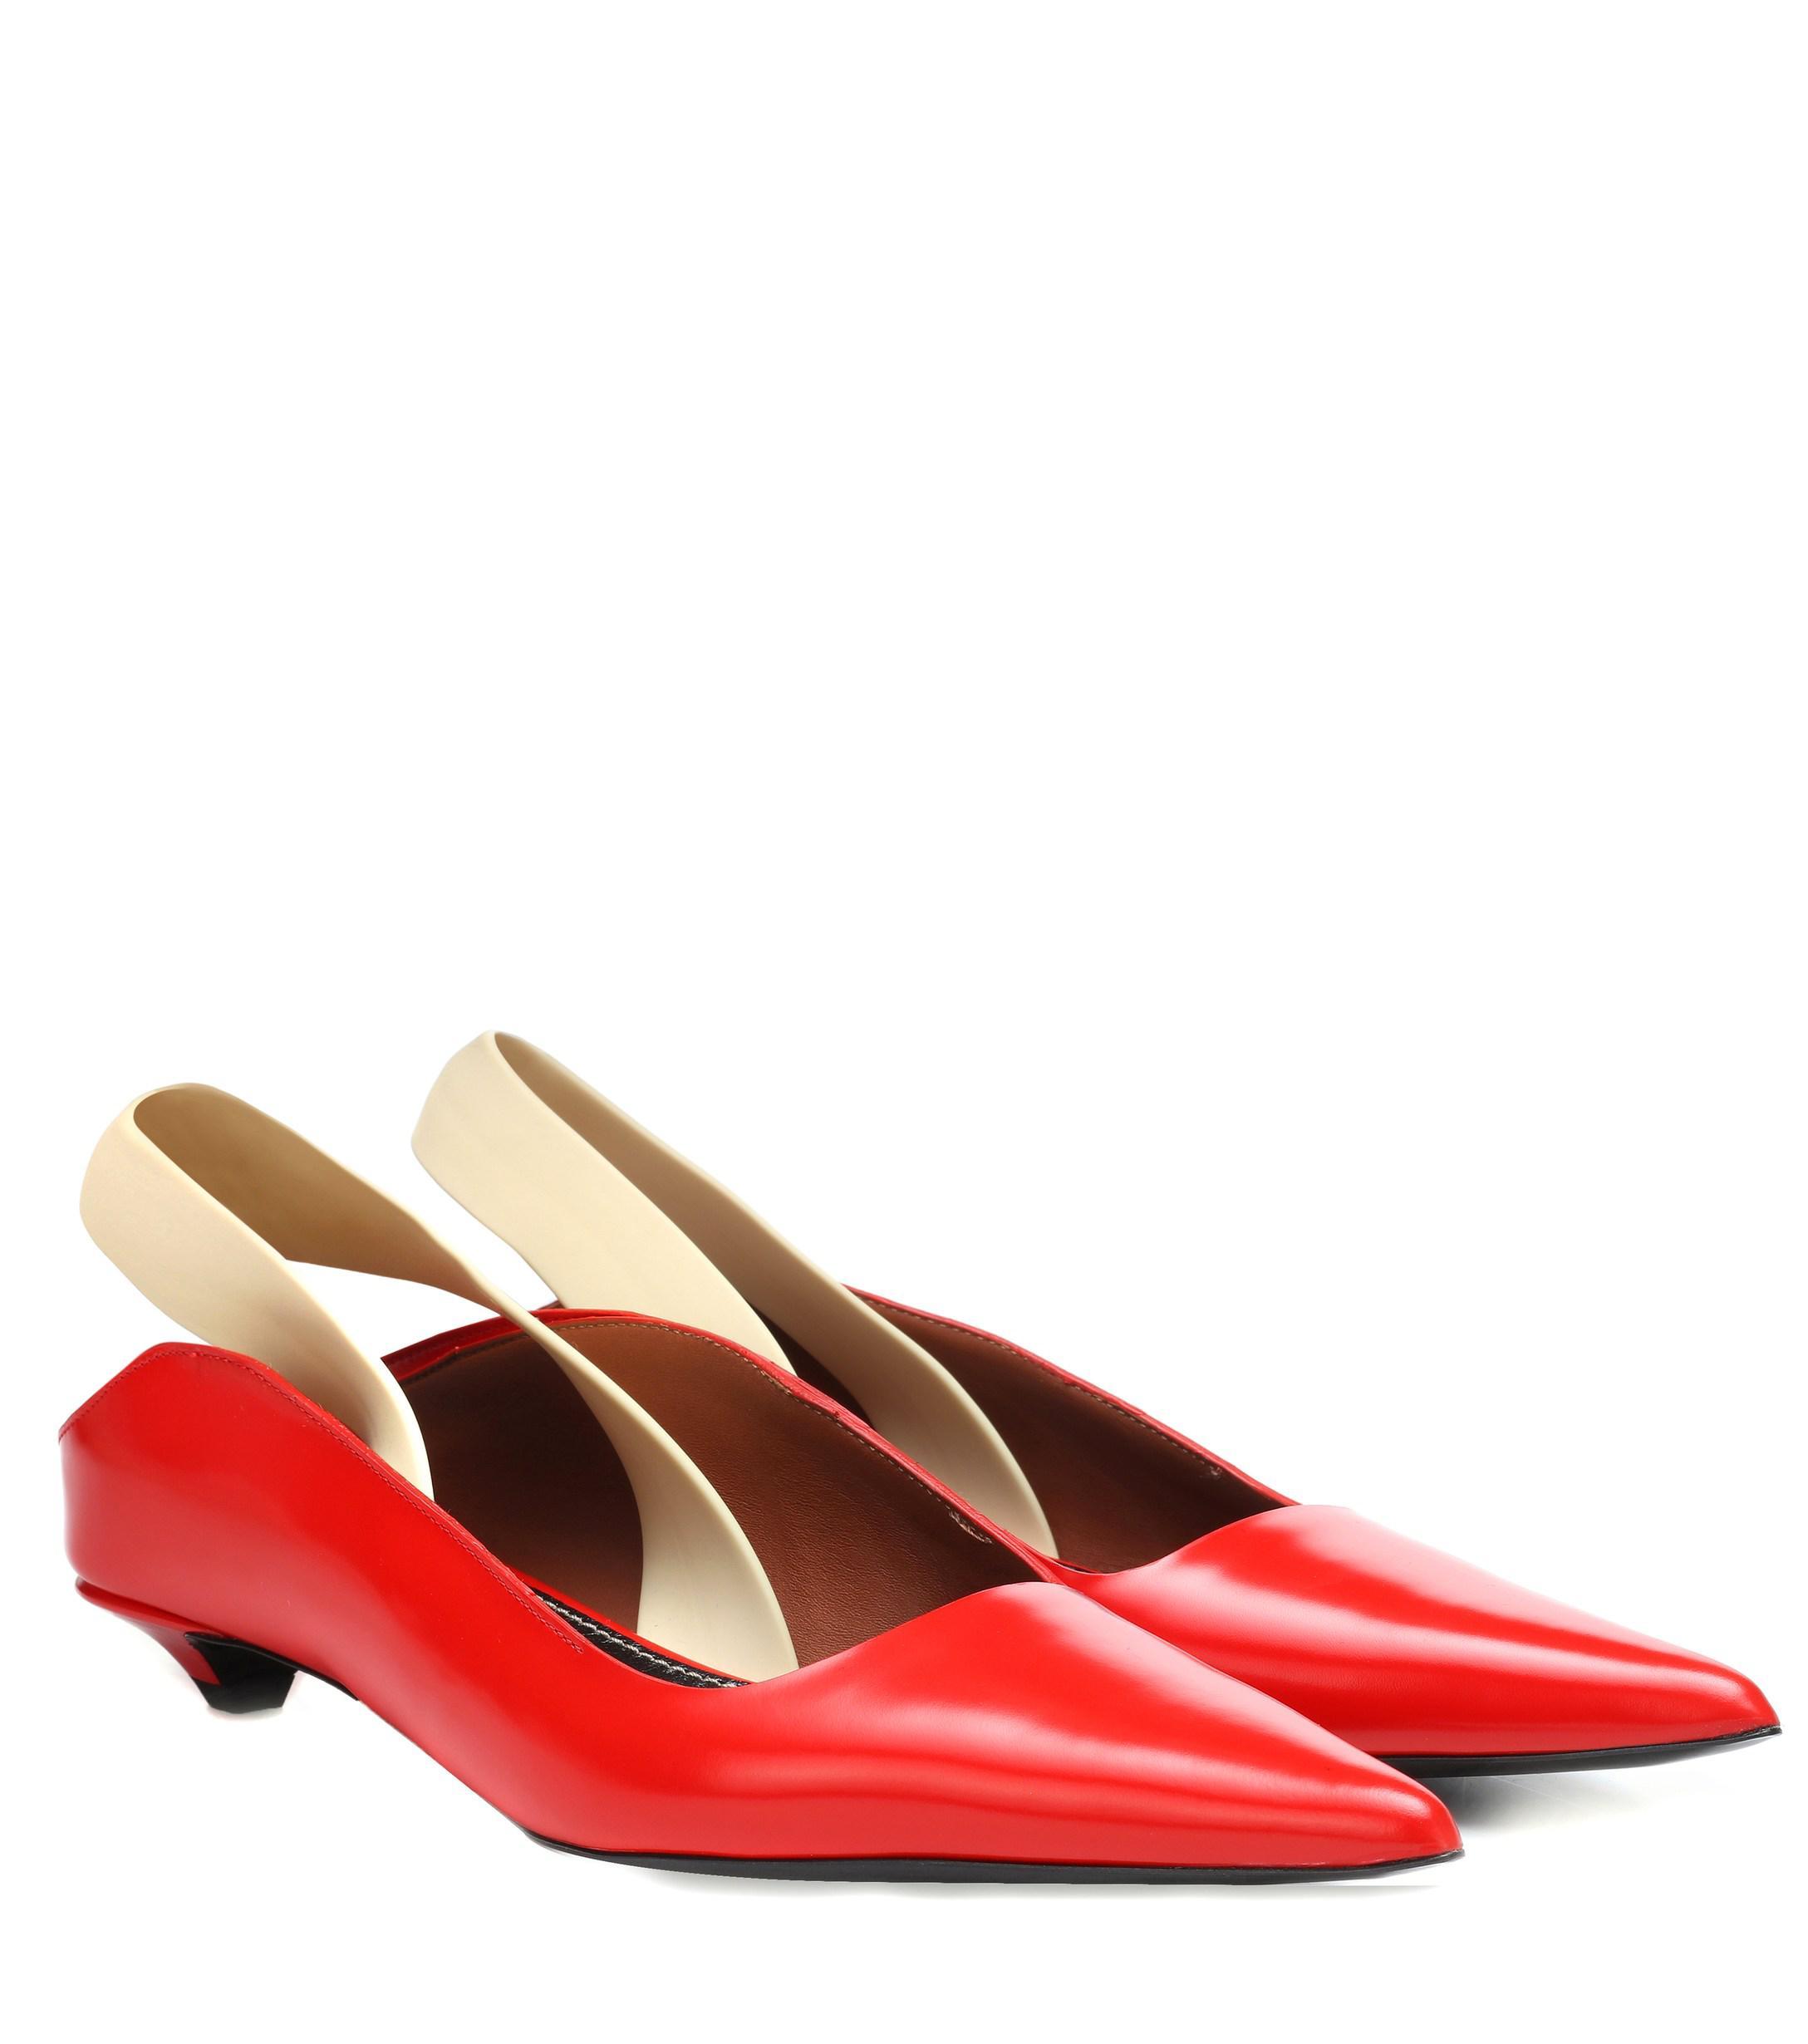 Wave Rojo Mules Destalonados De Piel Proenza Schouler Color Lyst 0wyOmN8vnP